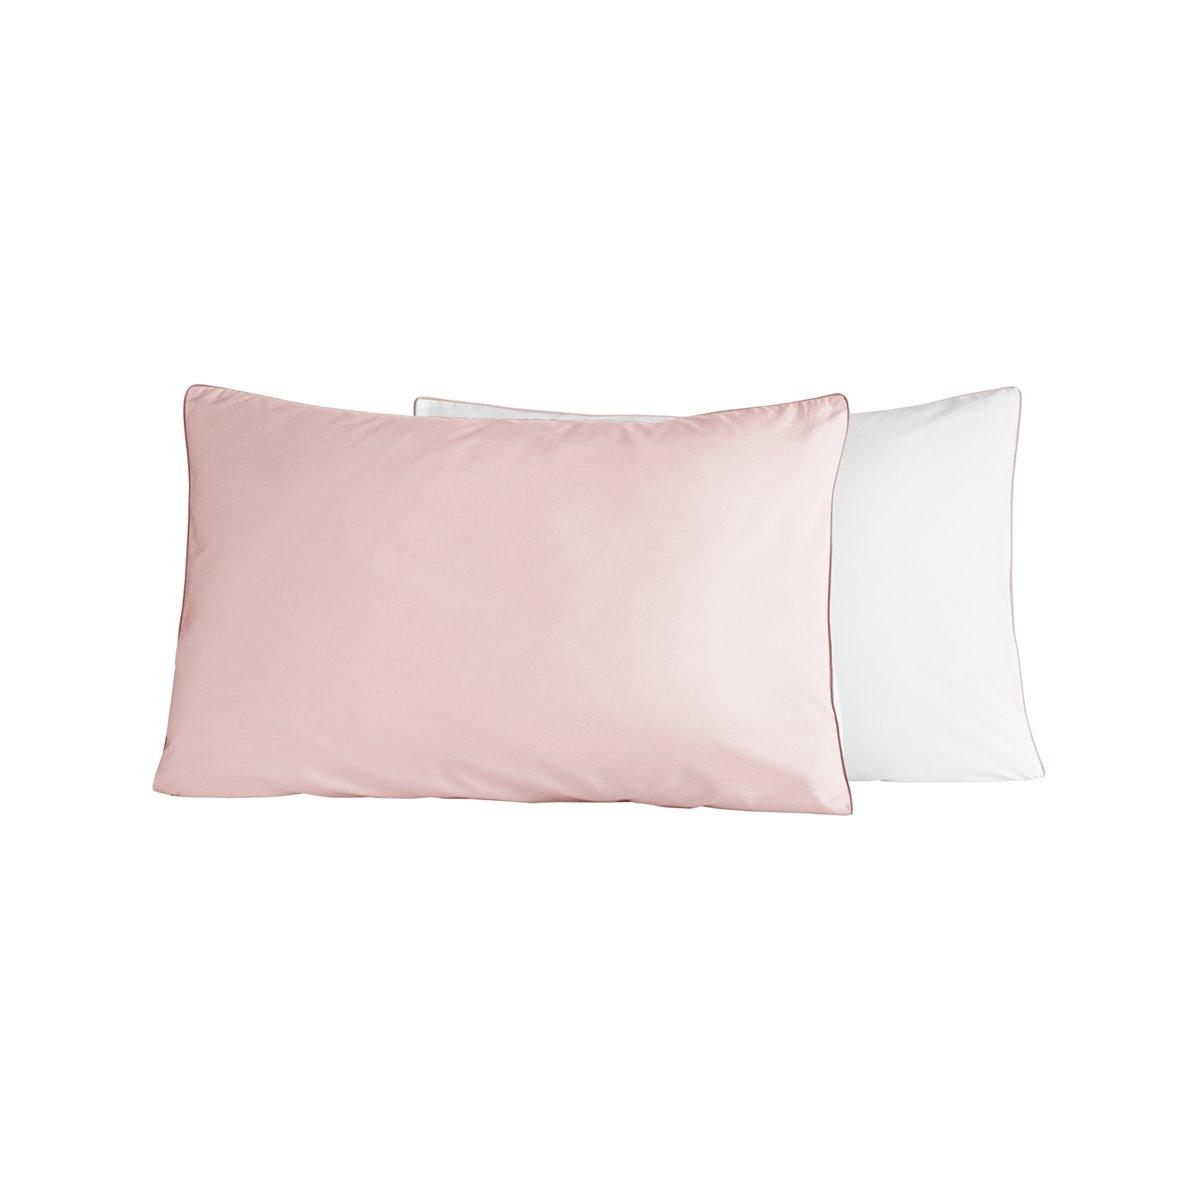 Lot de 2 taies d'oreiller bicolores Rose Poudre/Blanc 50x70 cm